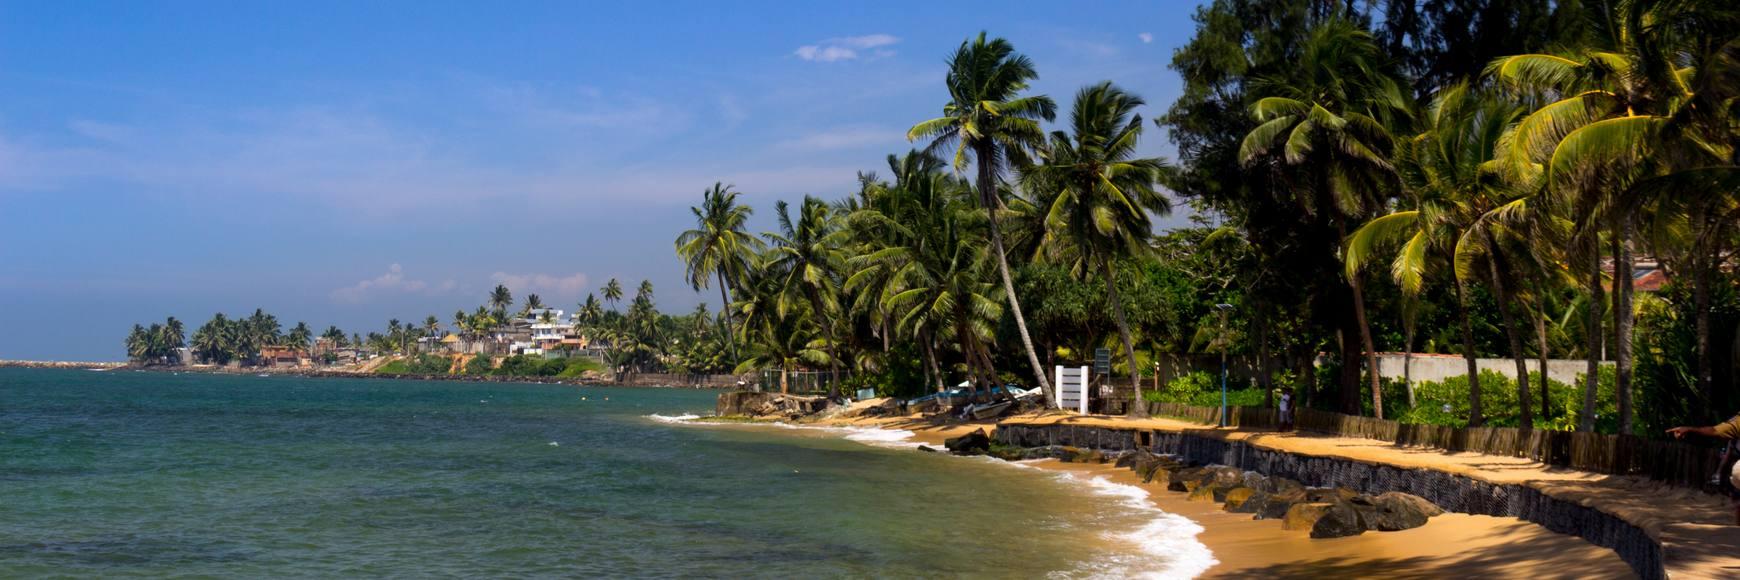 sailboat charter Sri Lanka